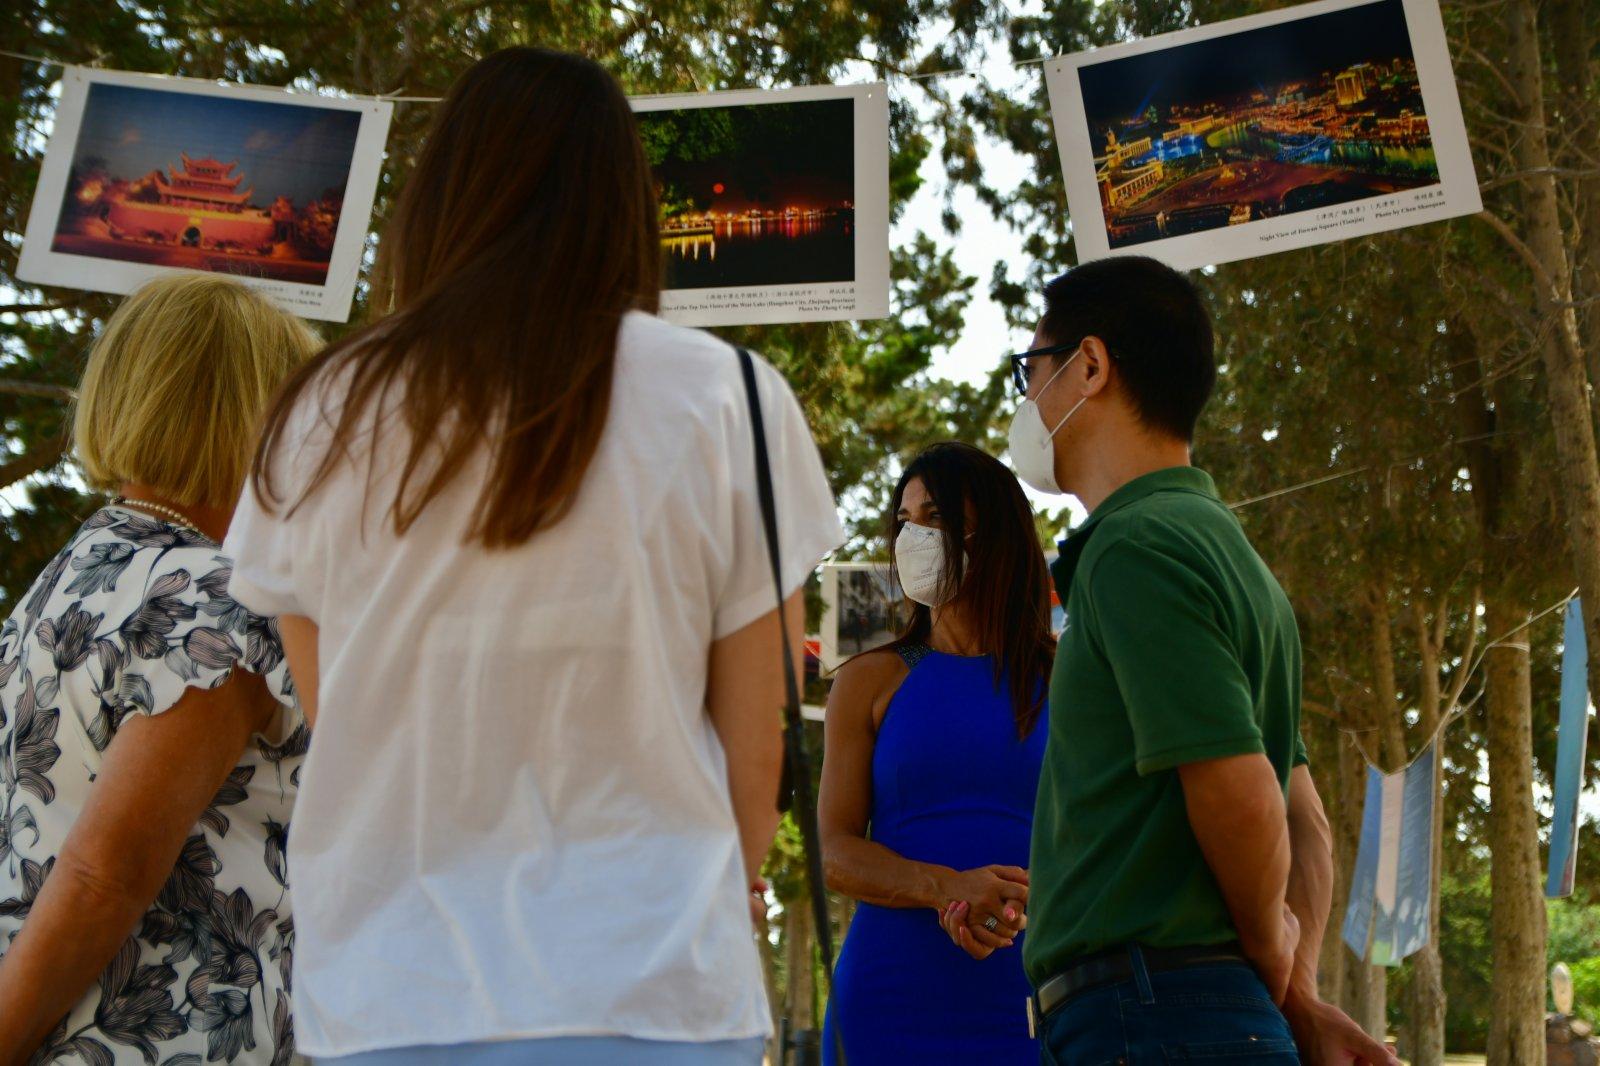 6月7日,馬耳他桑塔露琪亞市長查梅因·聖約翰(右二)與馬耳他中國文化中心主任楊曉龍(右一)參觀「美麗中國」攝影圖片展。(新華社)